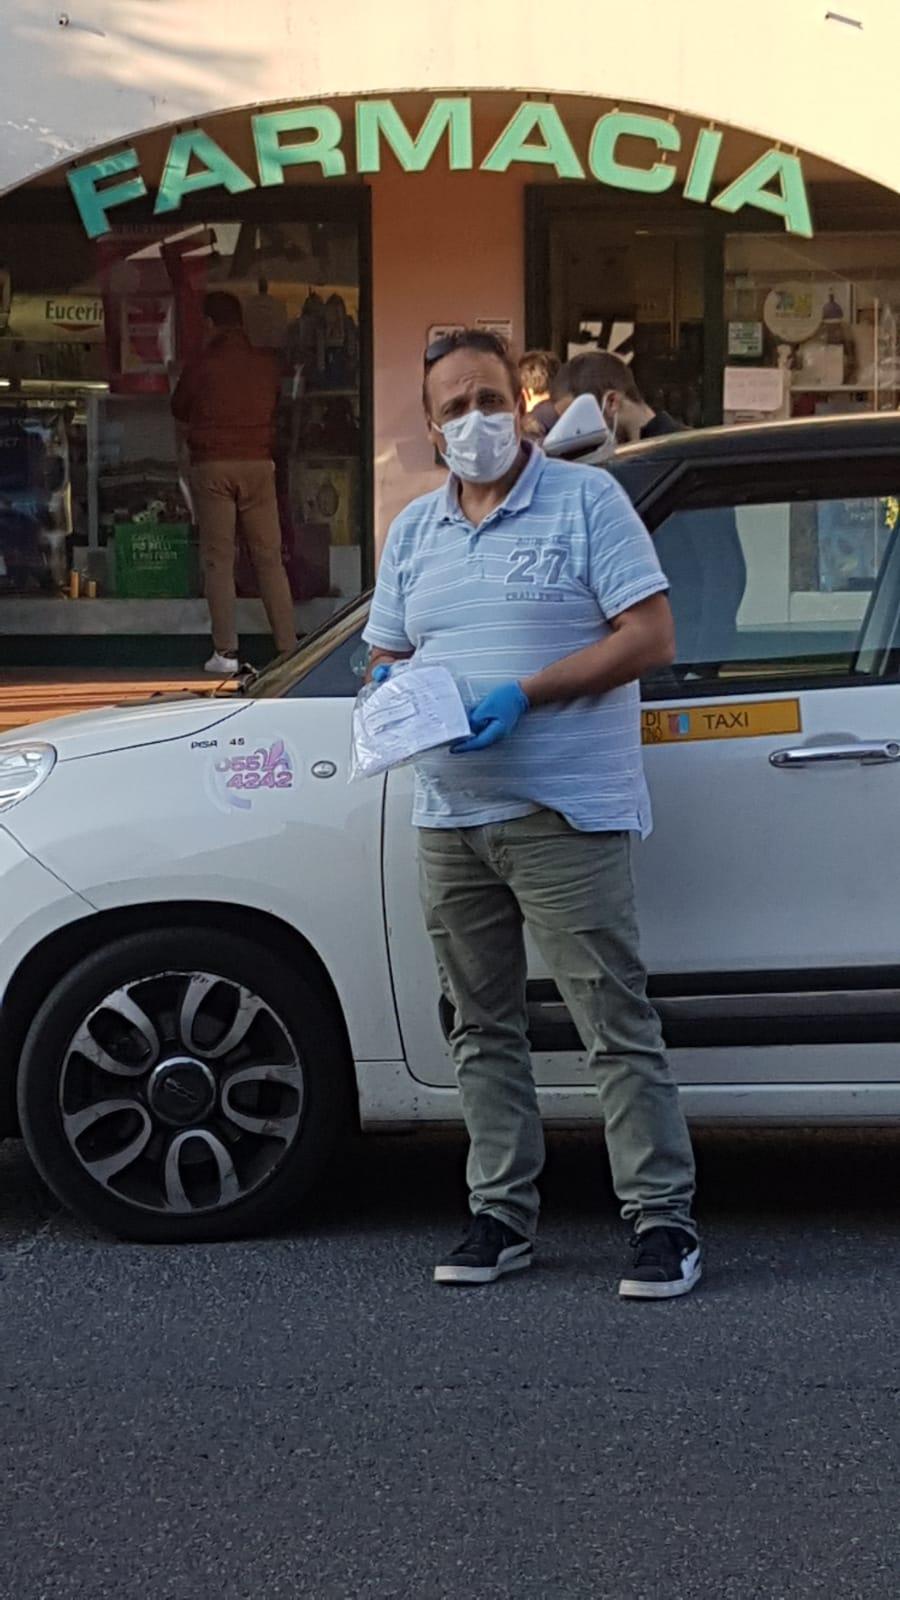 francesco bonaiuti pisa 45 taxi solidarietà firenze